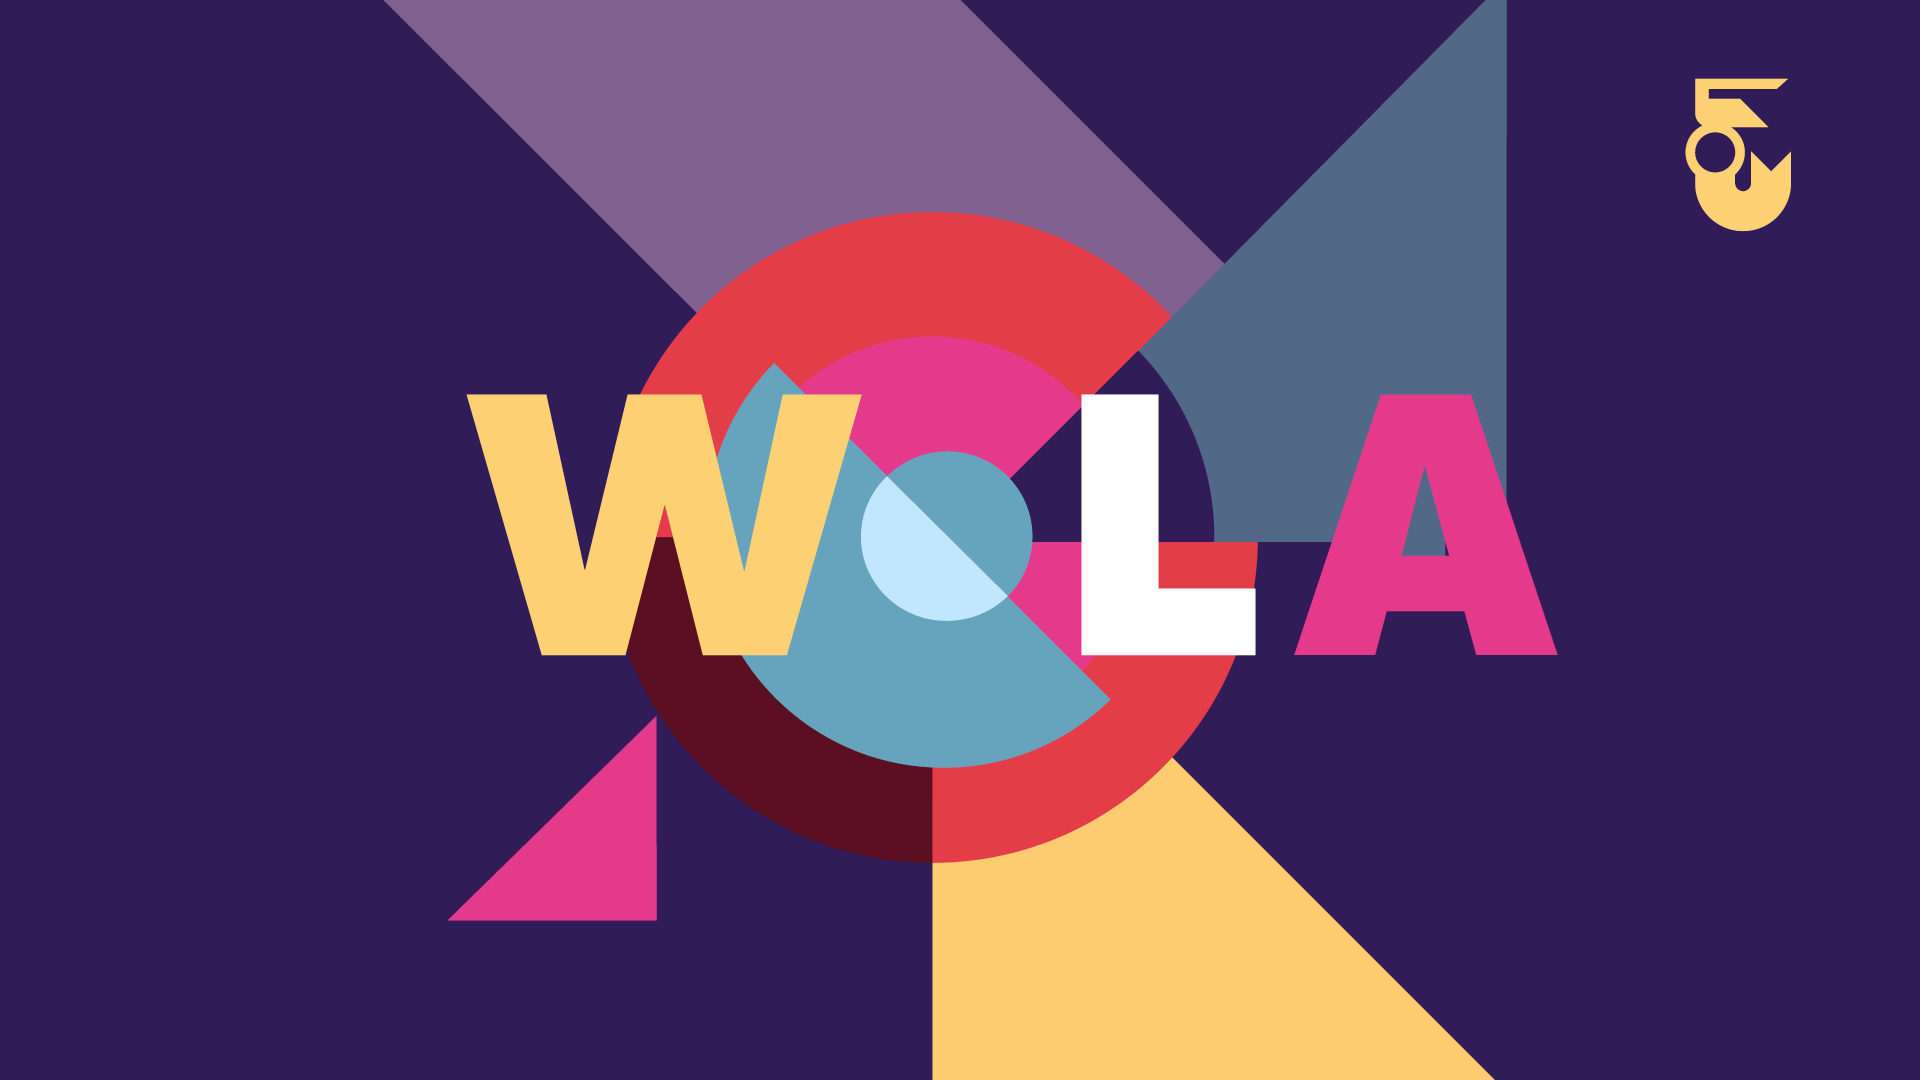 Znamy datęponownego otwarcia Muzeum Woli!